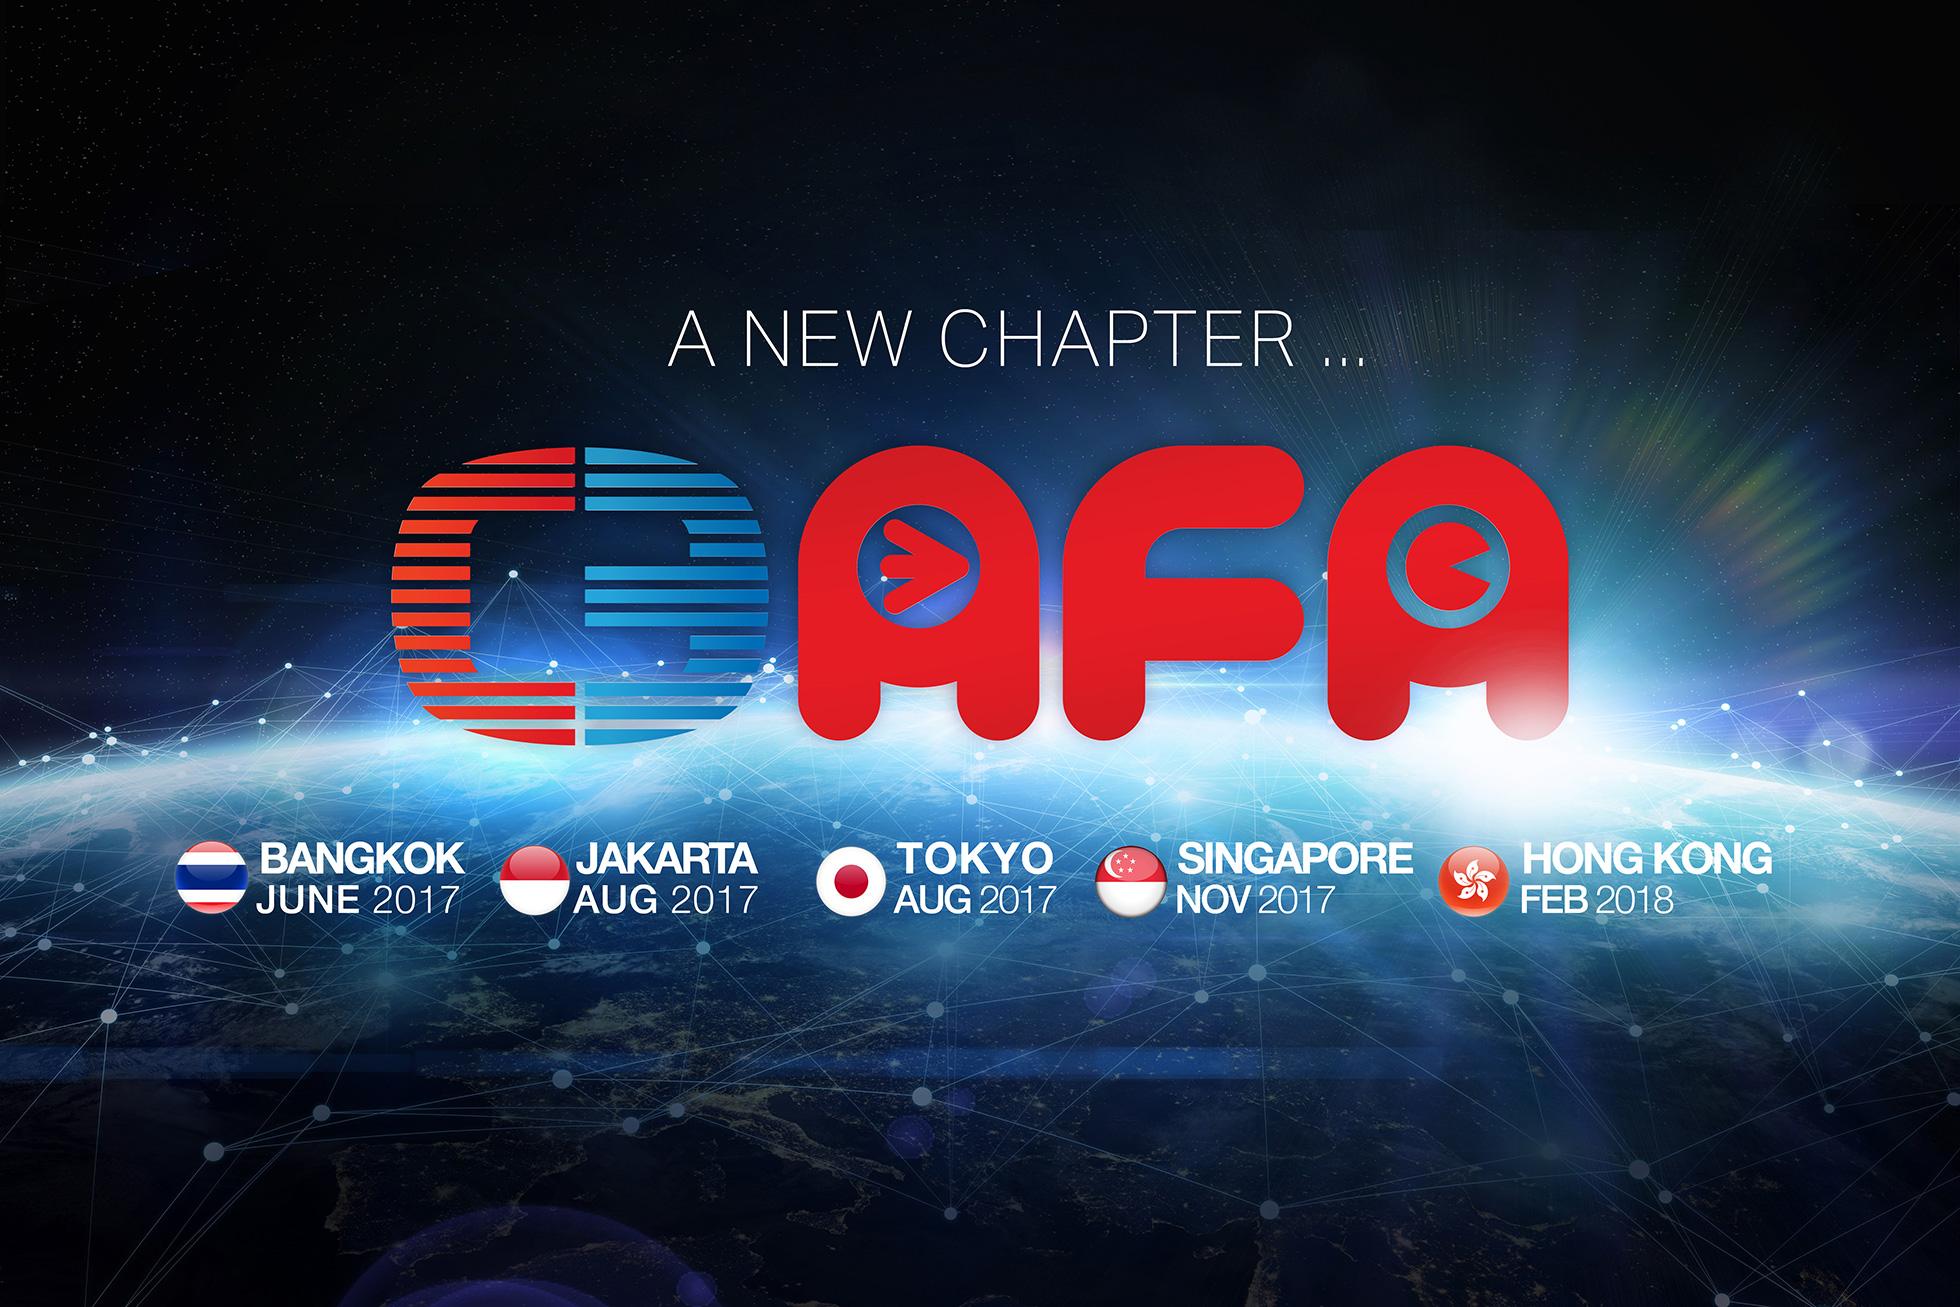 C3afa anime festival asia